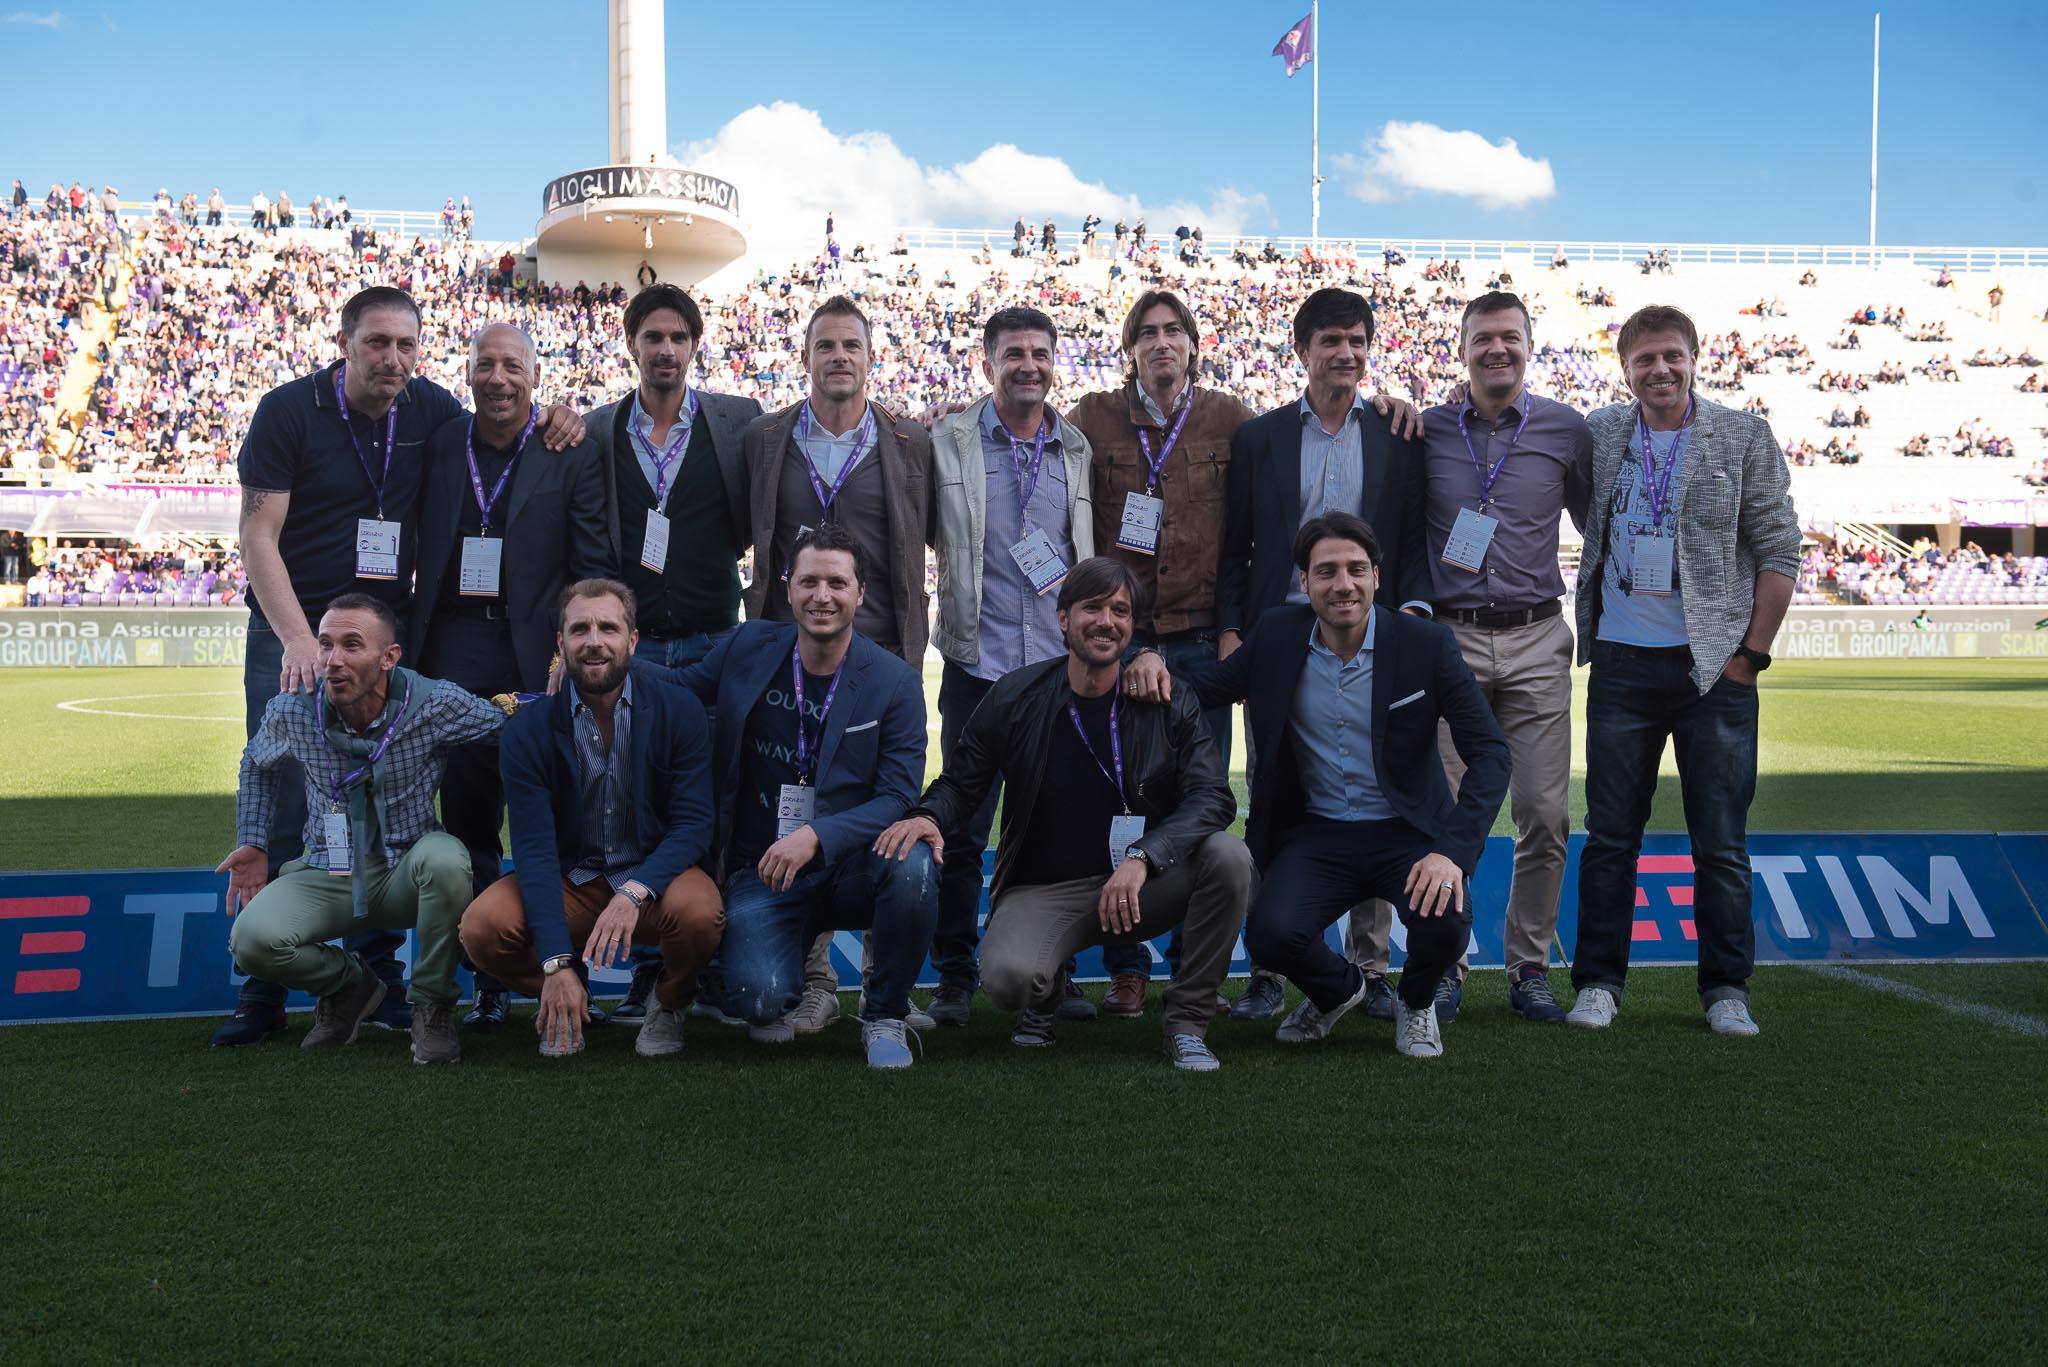 L'omaggio di Firenze e della Fiorentina ai ragazzi della C2. Tutte le foto della festa al Franchi